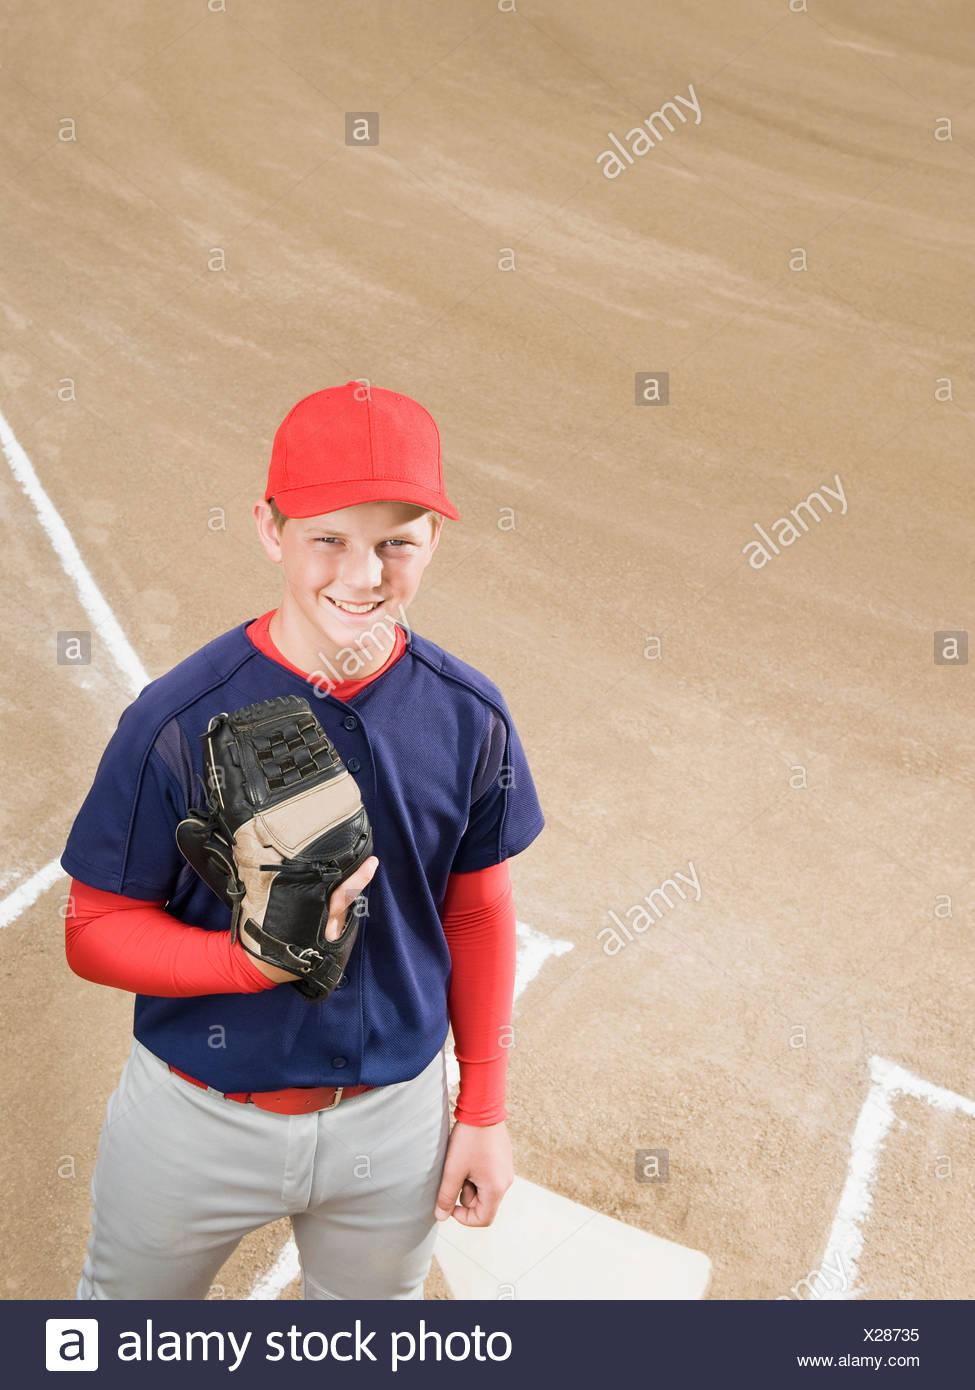 Jugador de béisbol en uniforme Foto   Imagen De Stock  276776393 - Alamy 49beea06f4a